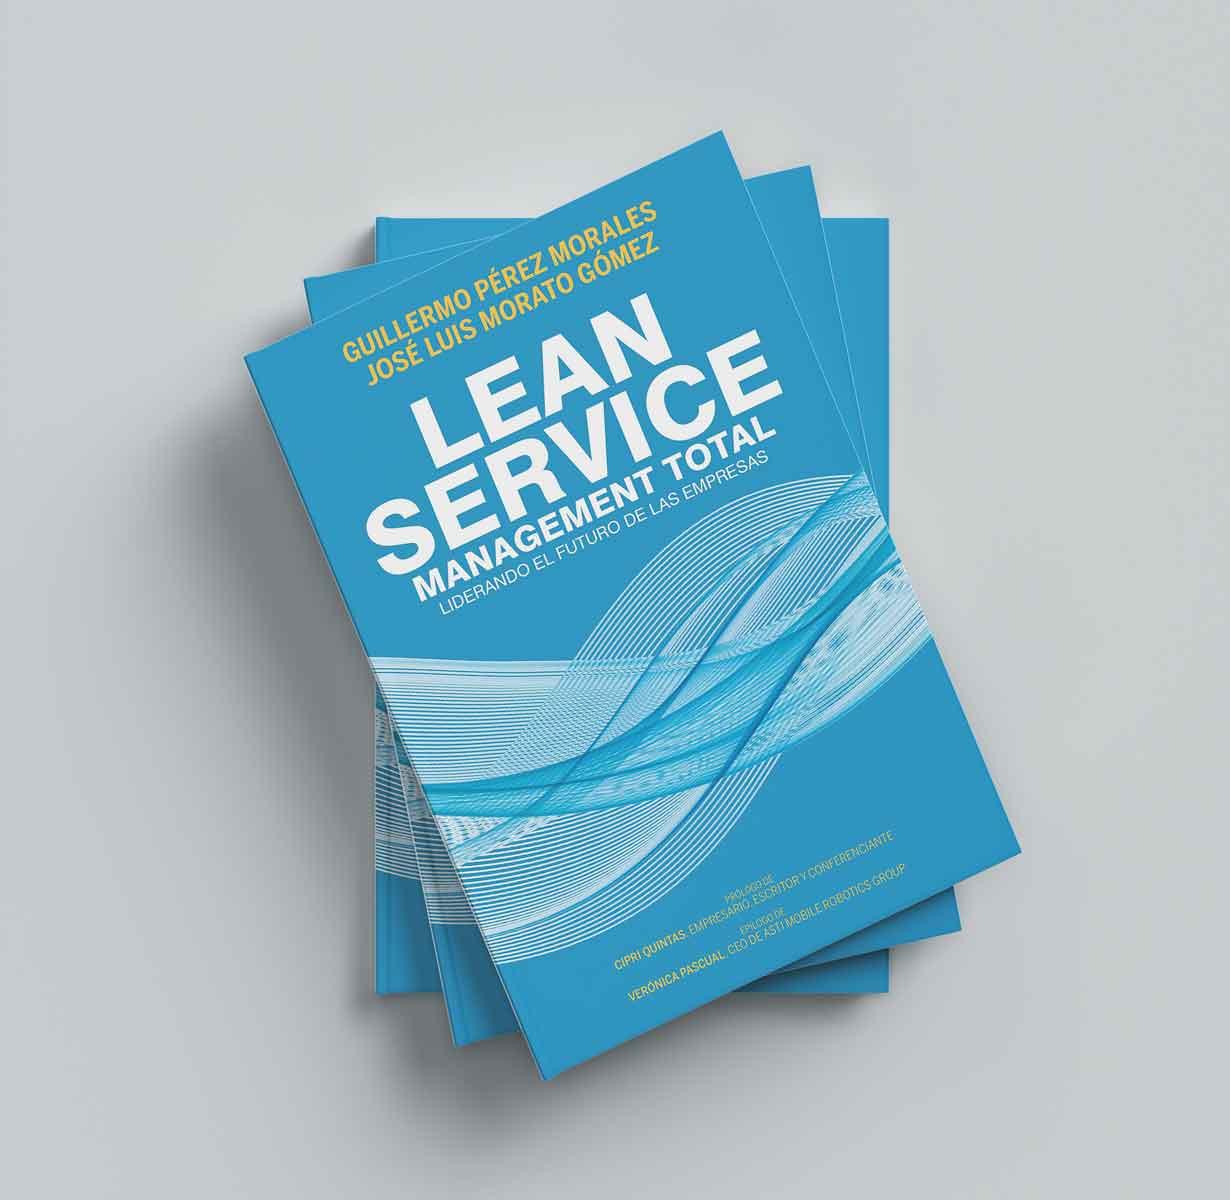 Lean-Service-Libro-4